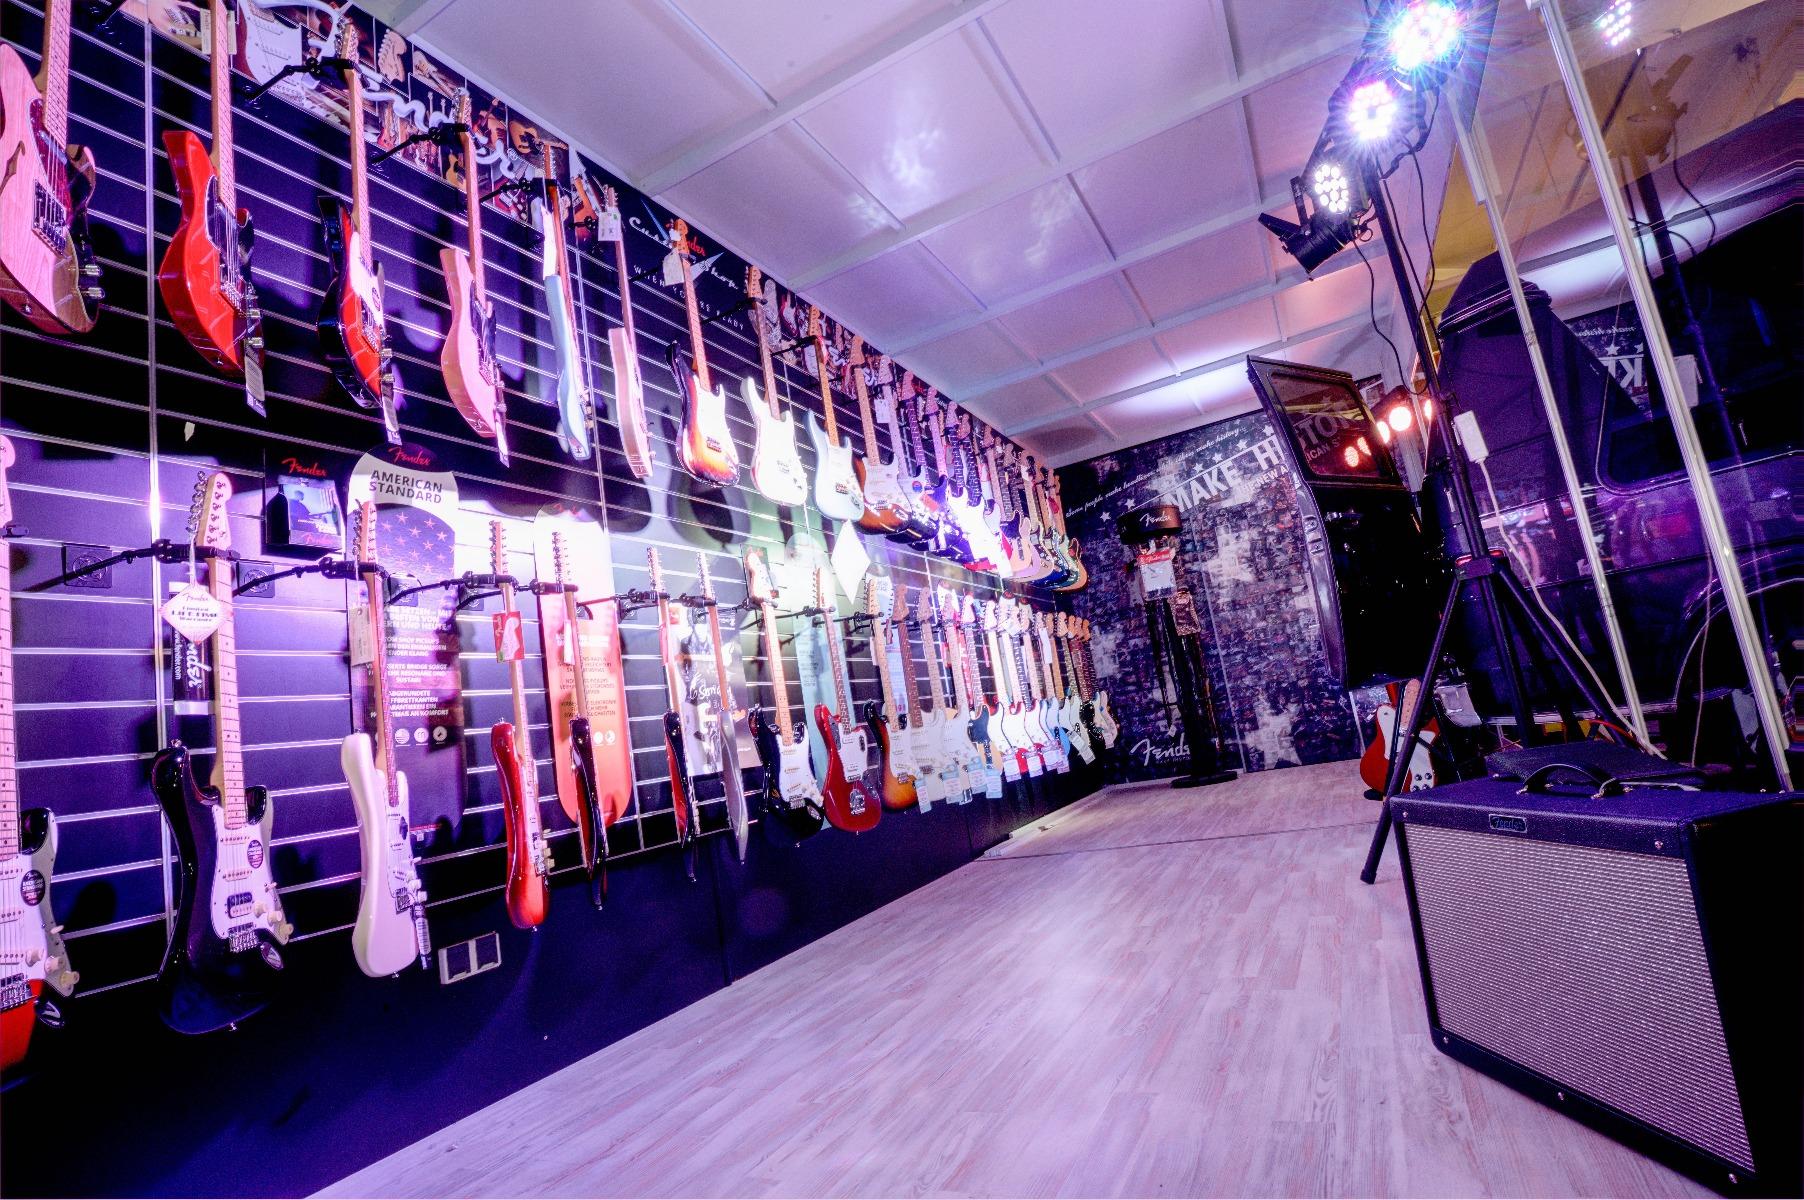 Unsere Auswahl an E-Gitarren